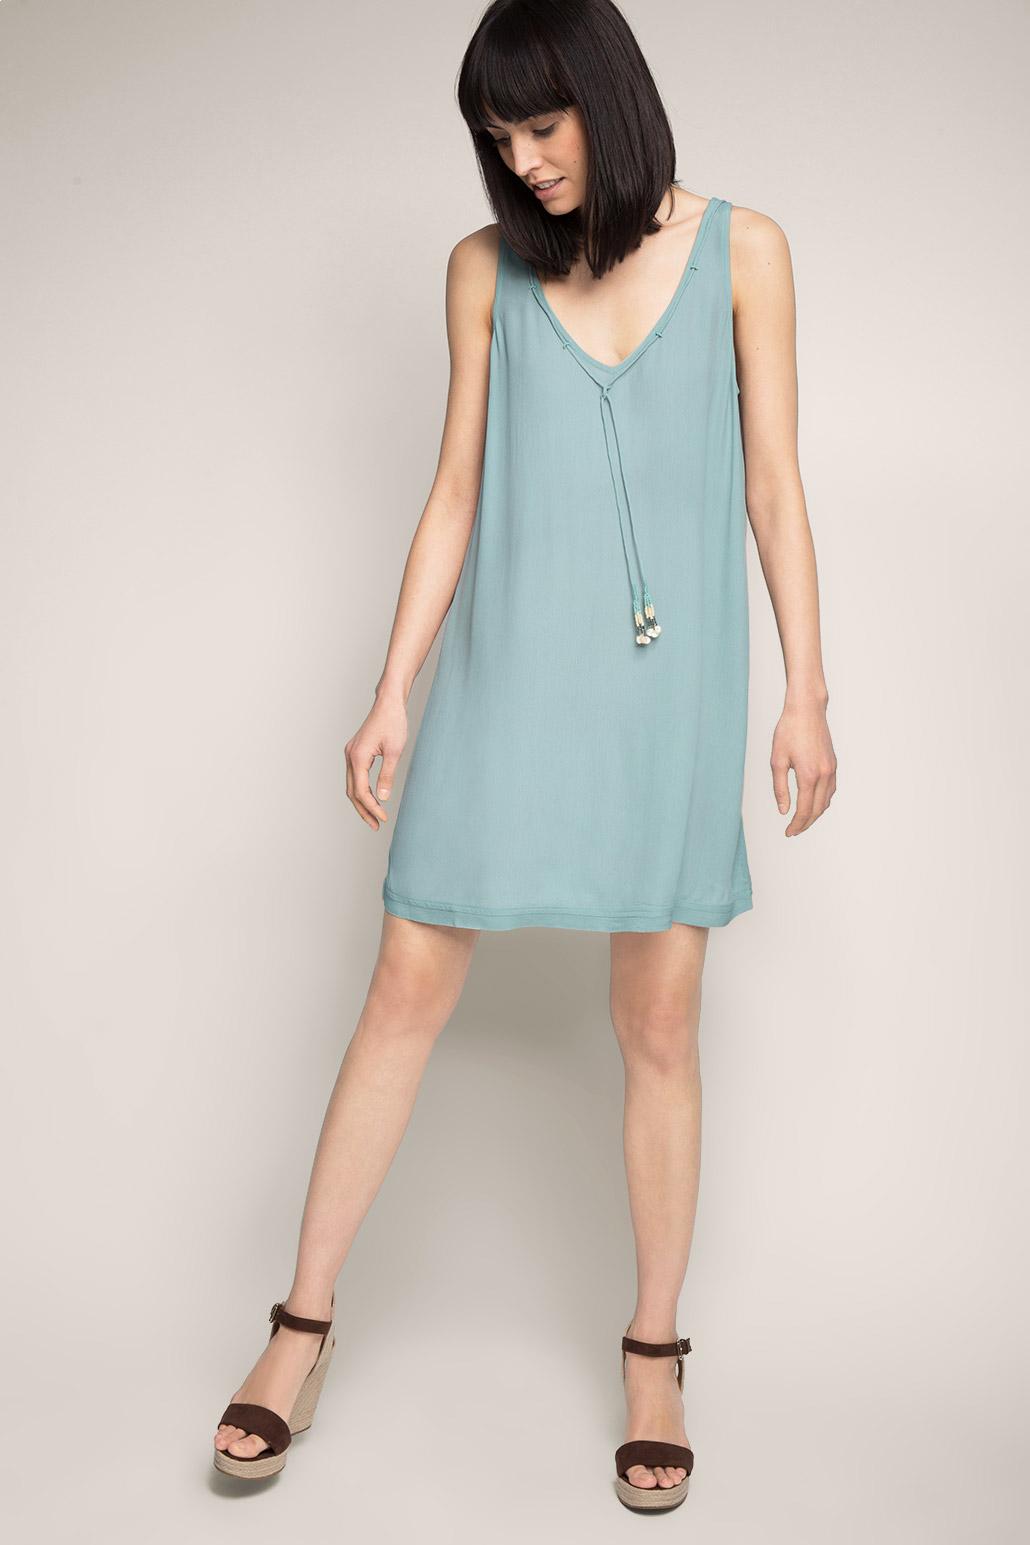 04c1e86c3d9 Известные модные дома наряжают свои моделей в яркие бюстгальтеры цвета  фуксии и сирень на прозрачных топах с длинным рукавом и контрастными  туниками